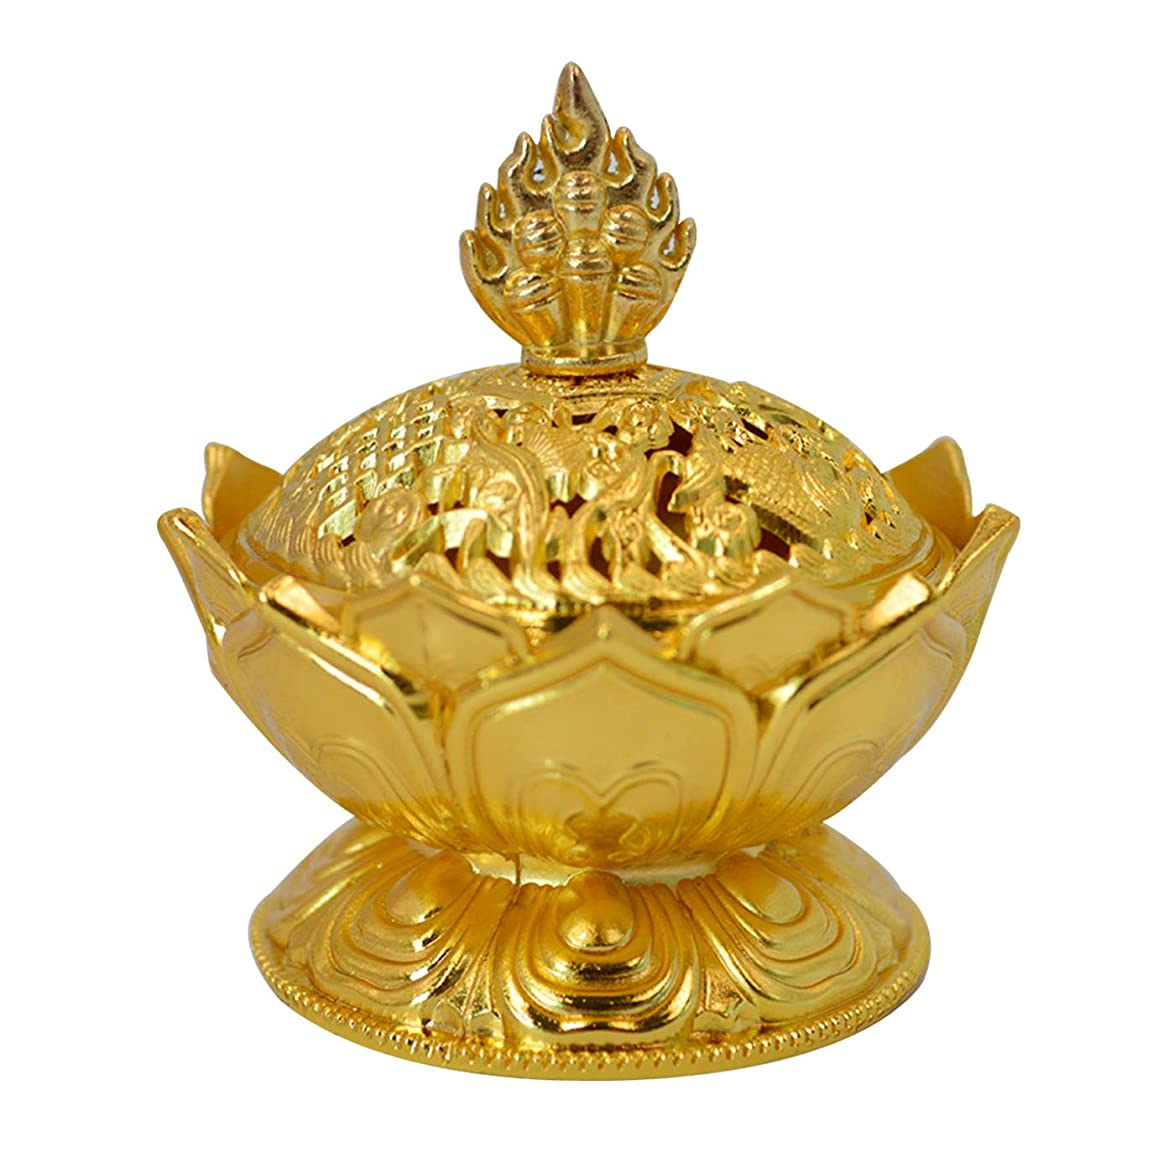 優れました五十浮くBuddha Lotus Flower香炉合金メタルIncense Holder Censerクリエイティブクリスマスプレゼント One Size ゴールド